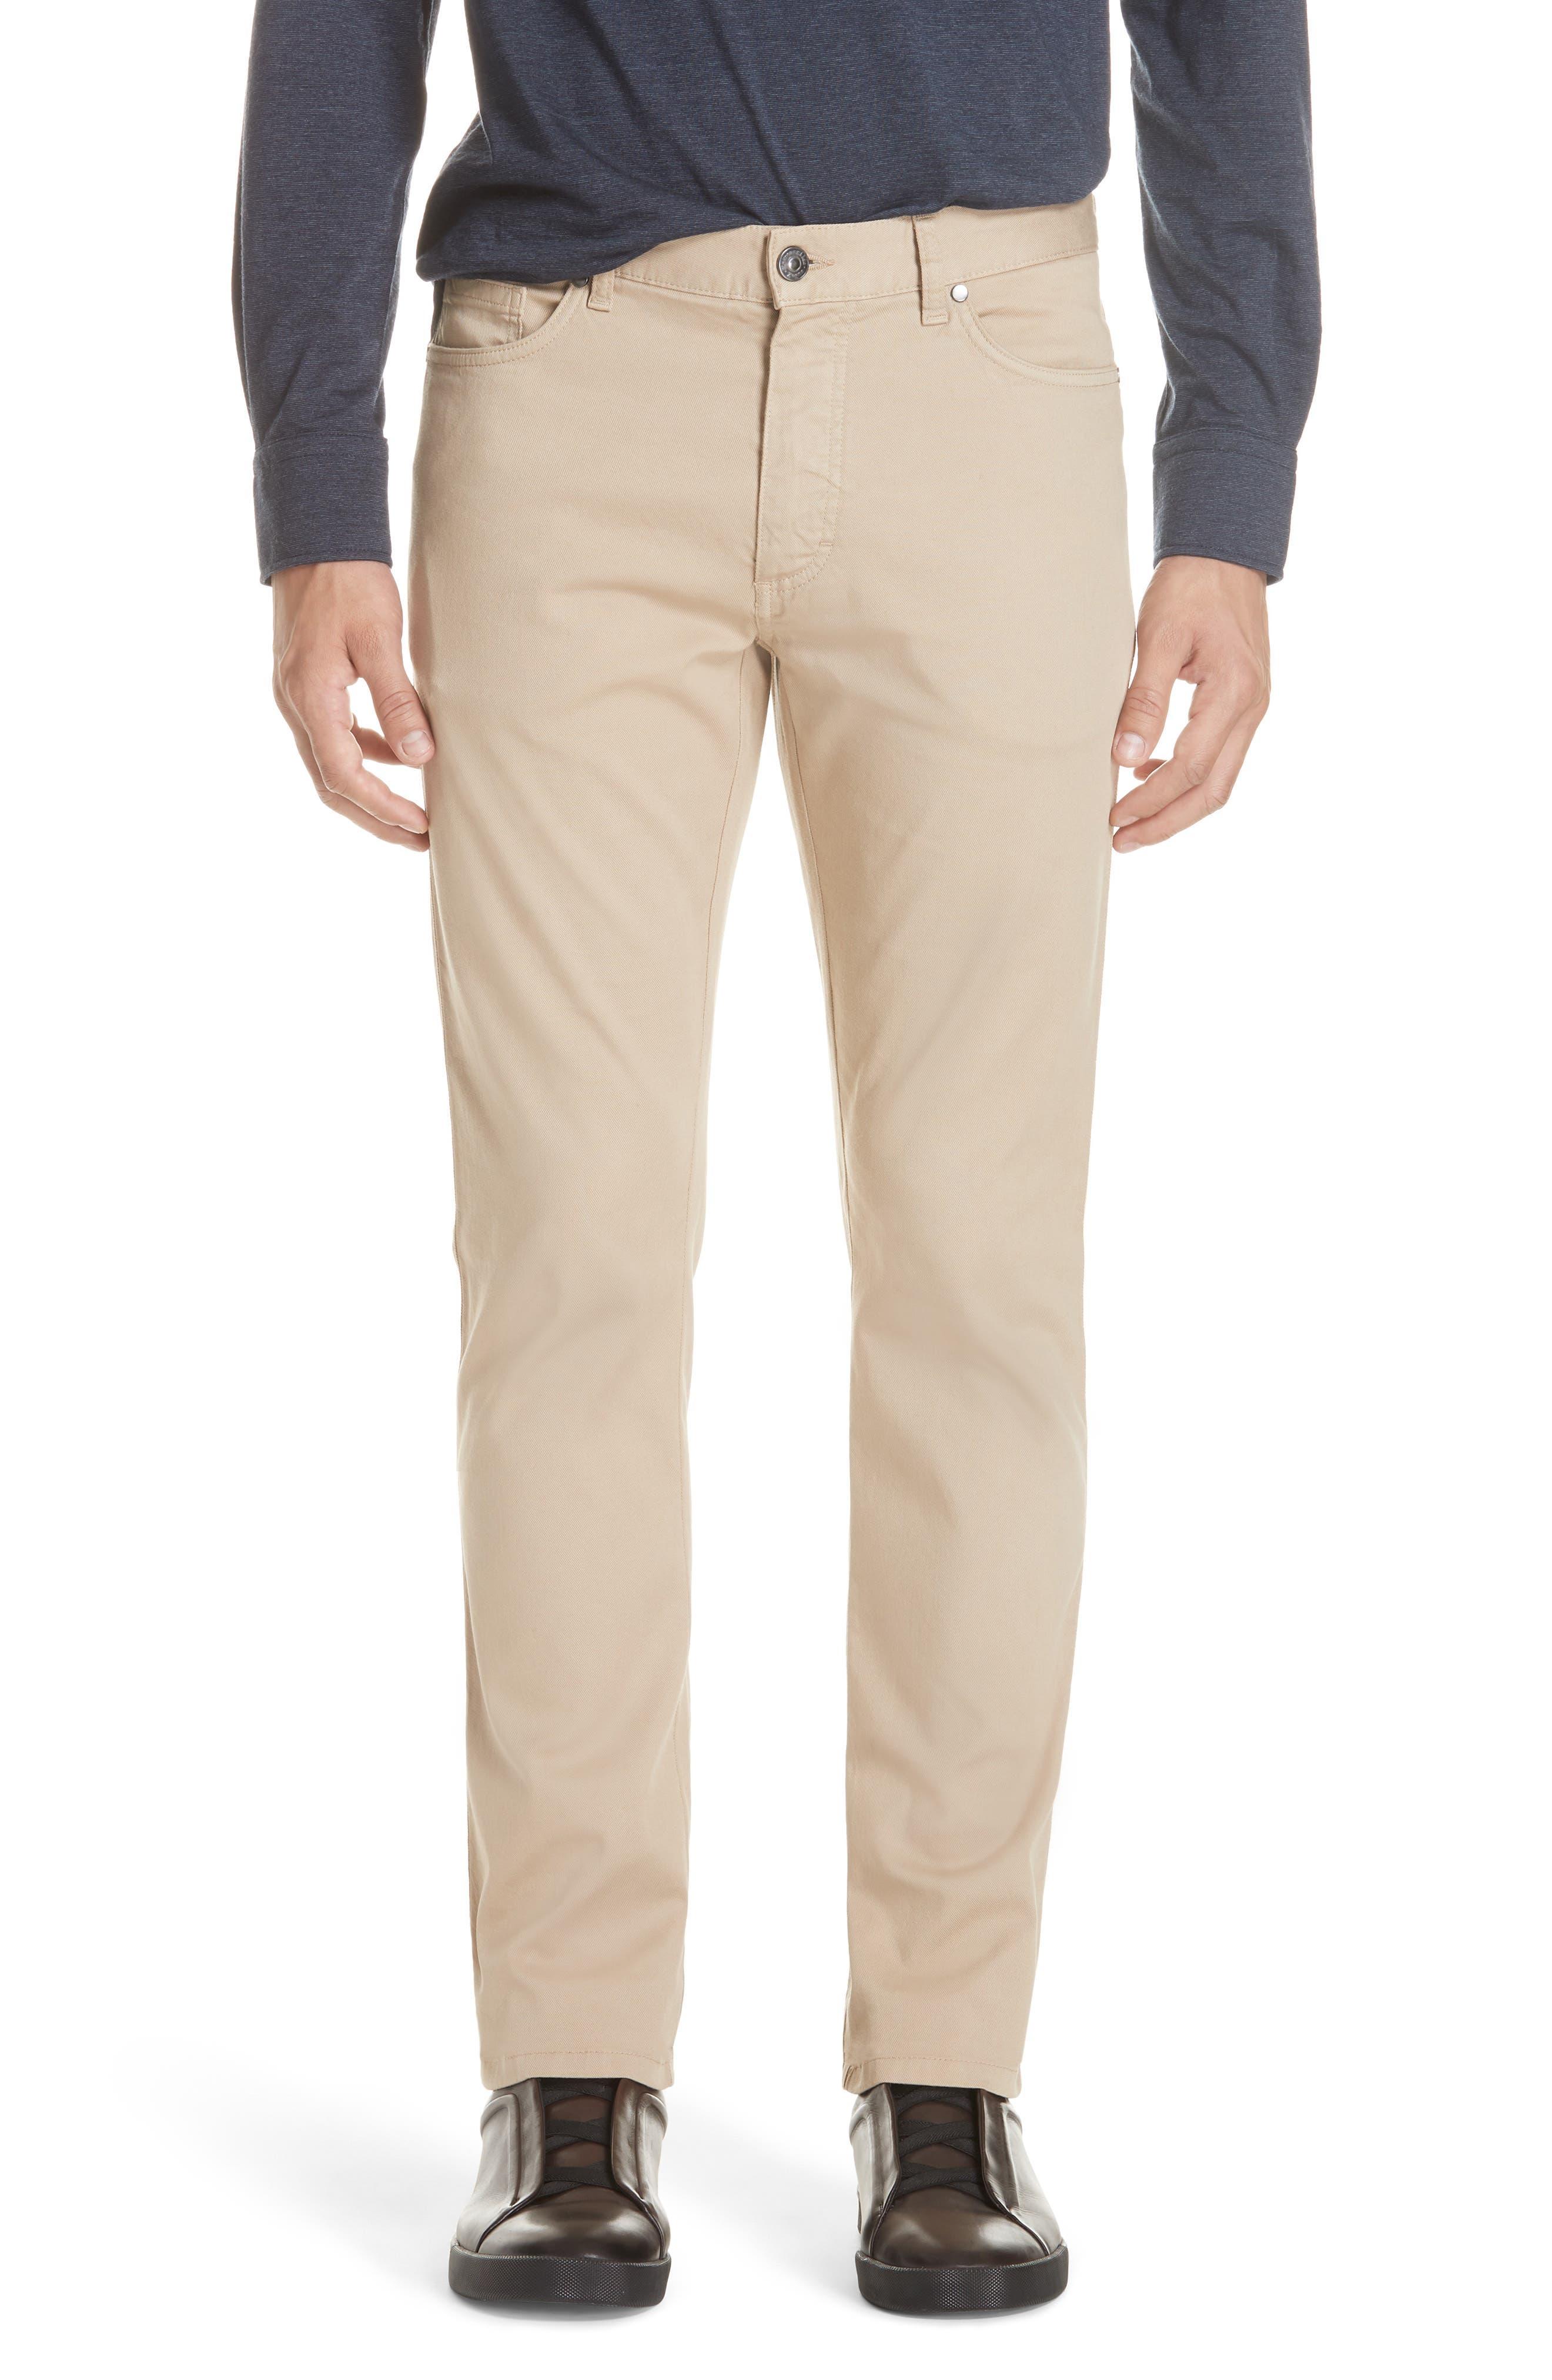 ERMENEGILDO ZEGNA, Stretch Cotton Five Pocket Pants, Main thumbnail 1, color, LIGHT BEIGE